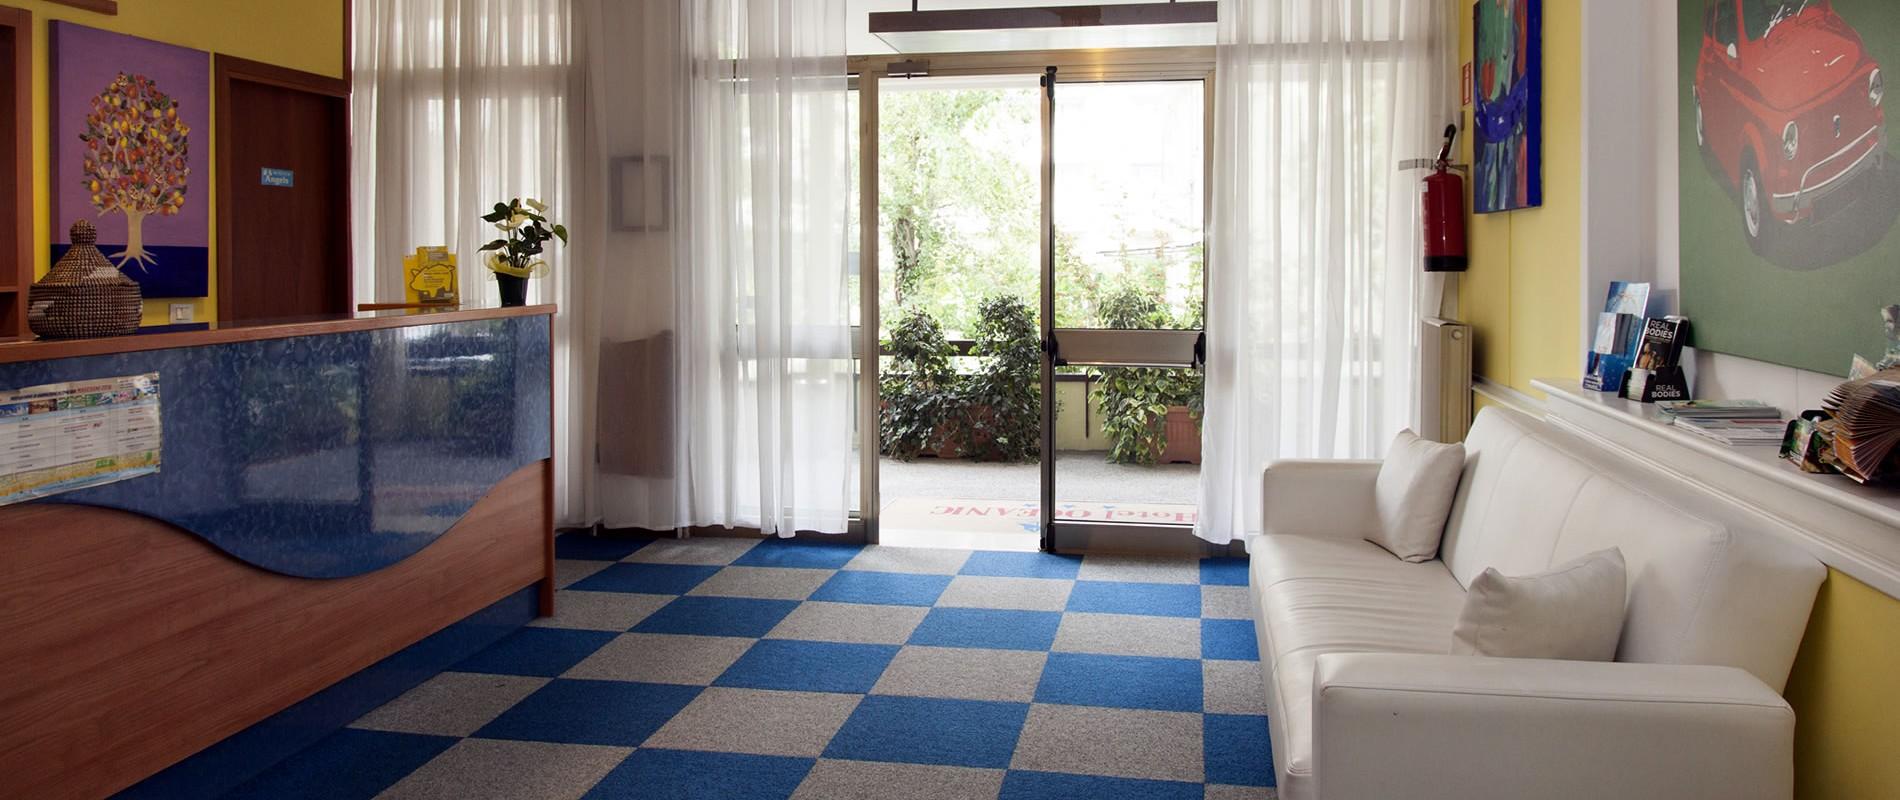 Hotel 3 stelle Jesolo Lido - Hotel Oceanic Jesolo con piscina ...